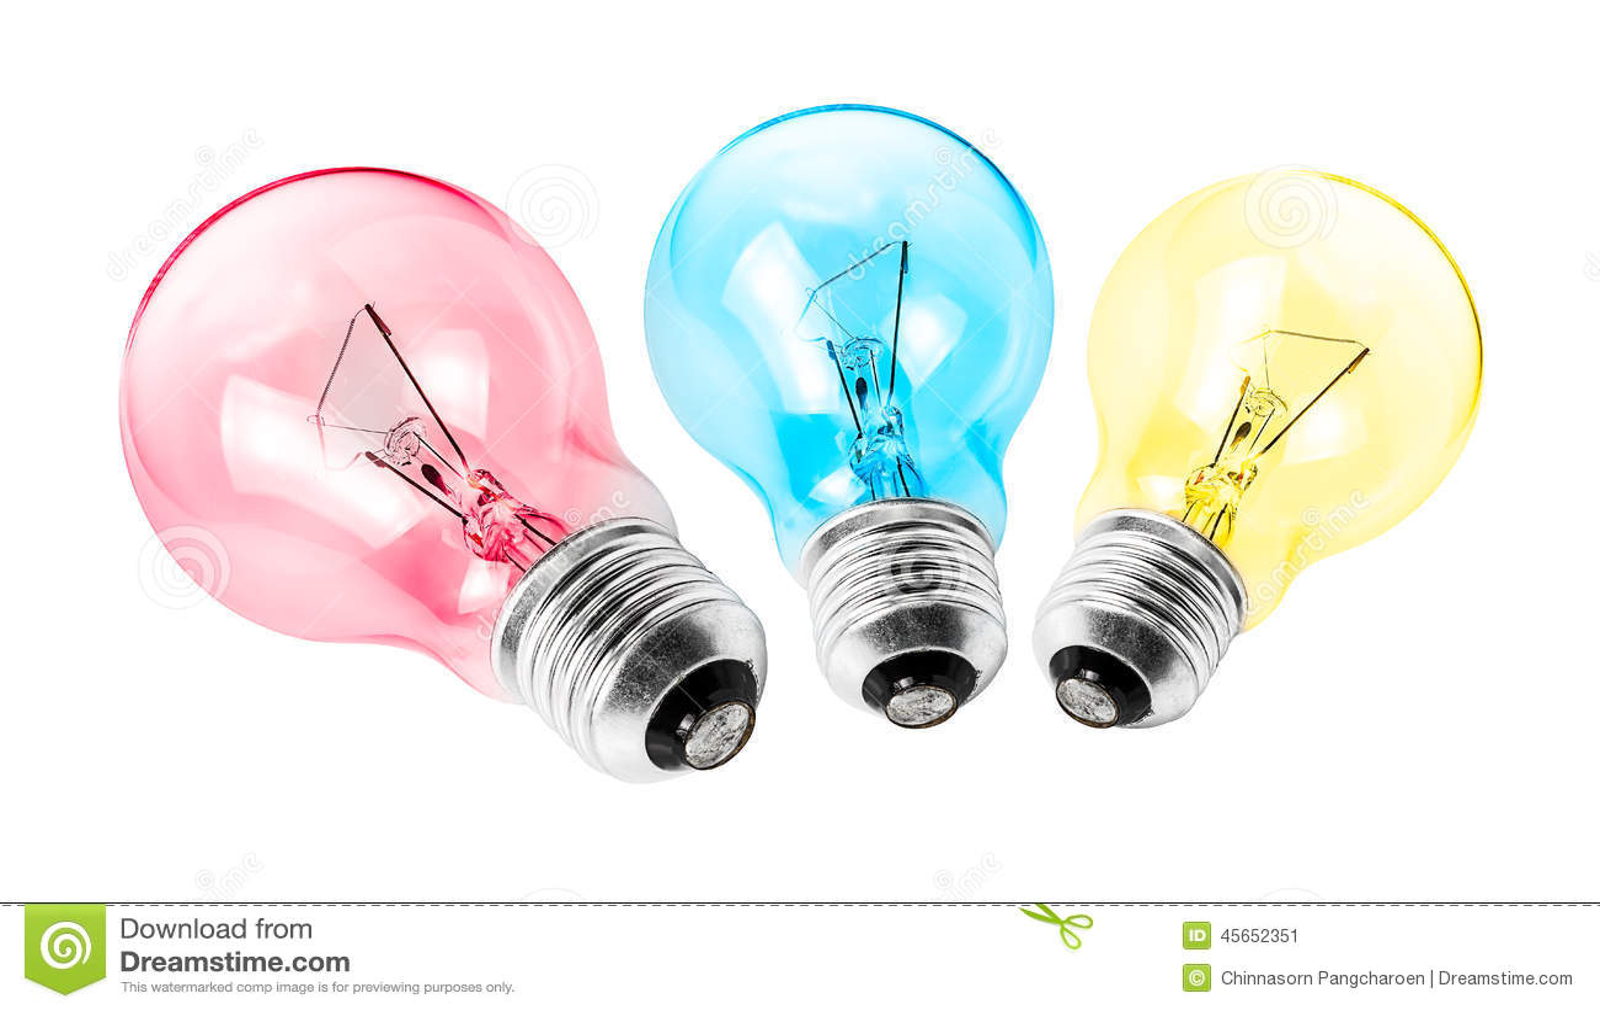 Multi Coloured Light Bulbs Home Decor